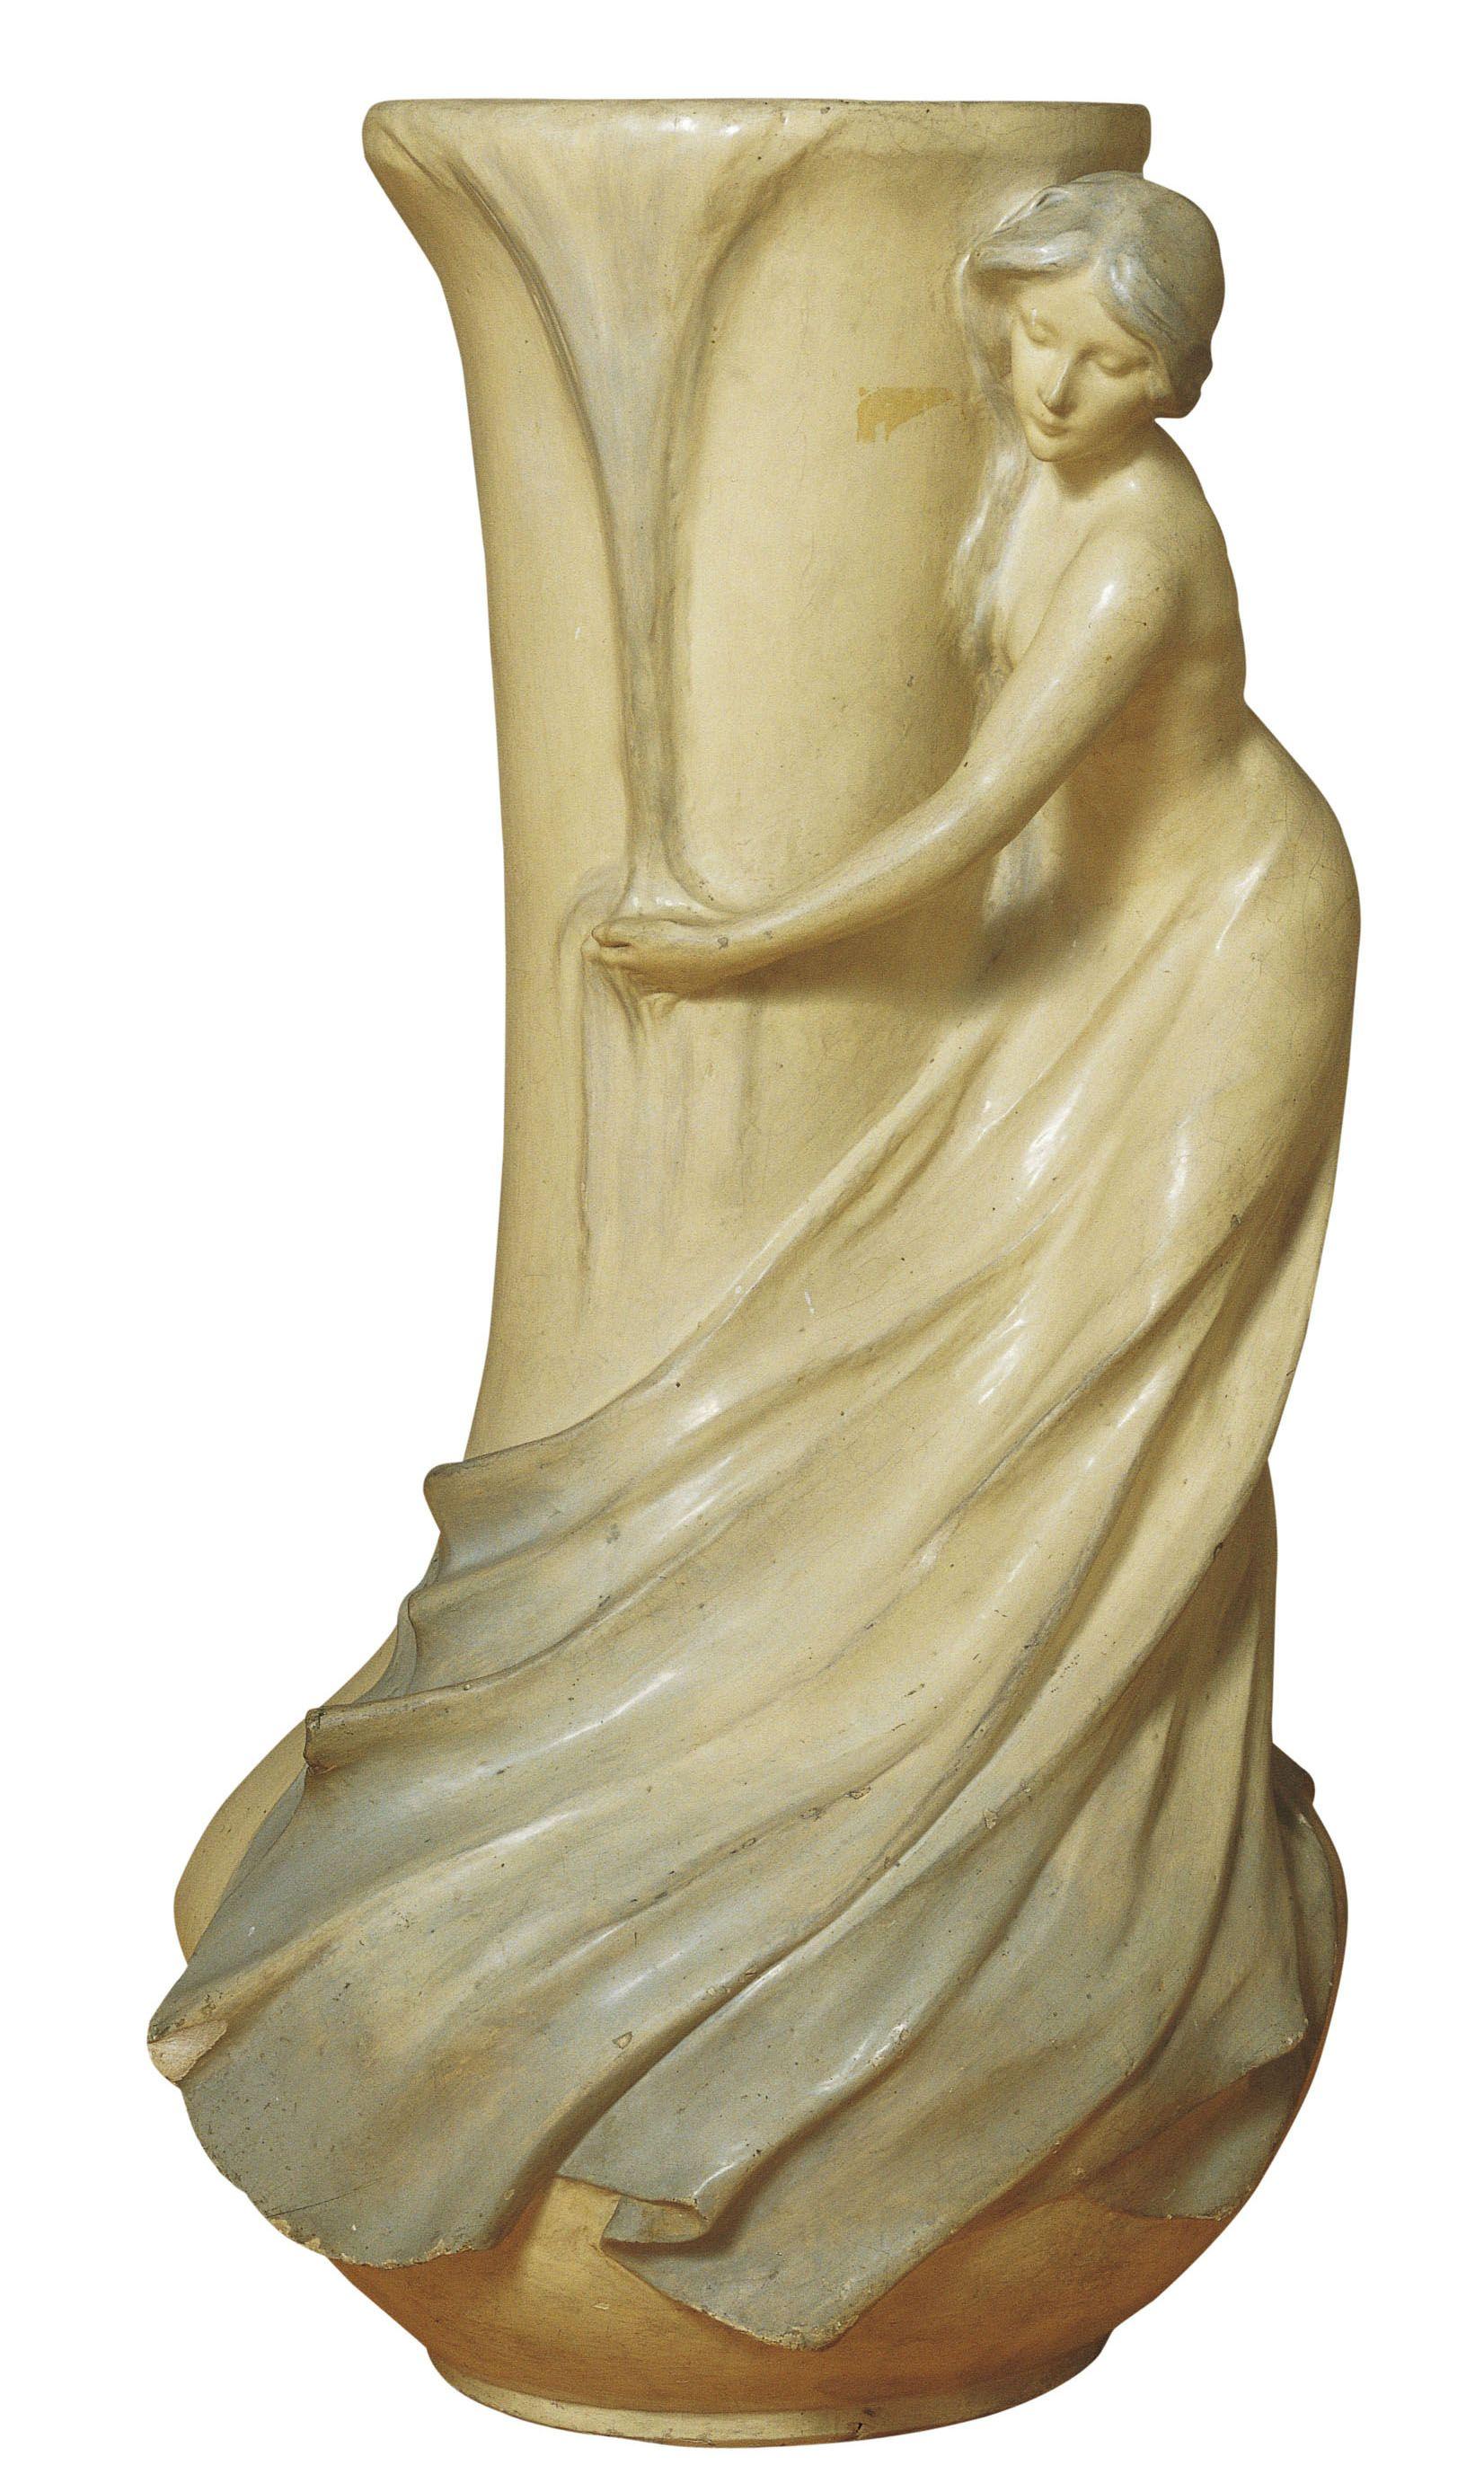 Gerro amb figura femenina   Museu Nacional d'Art de Catalunya